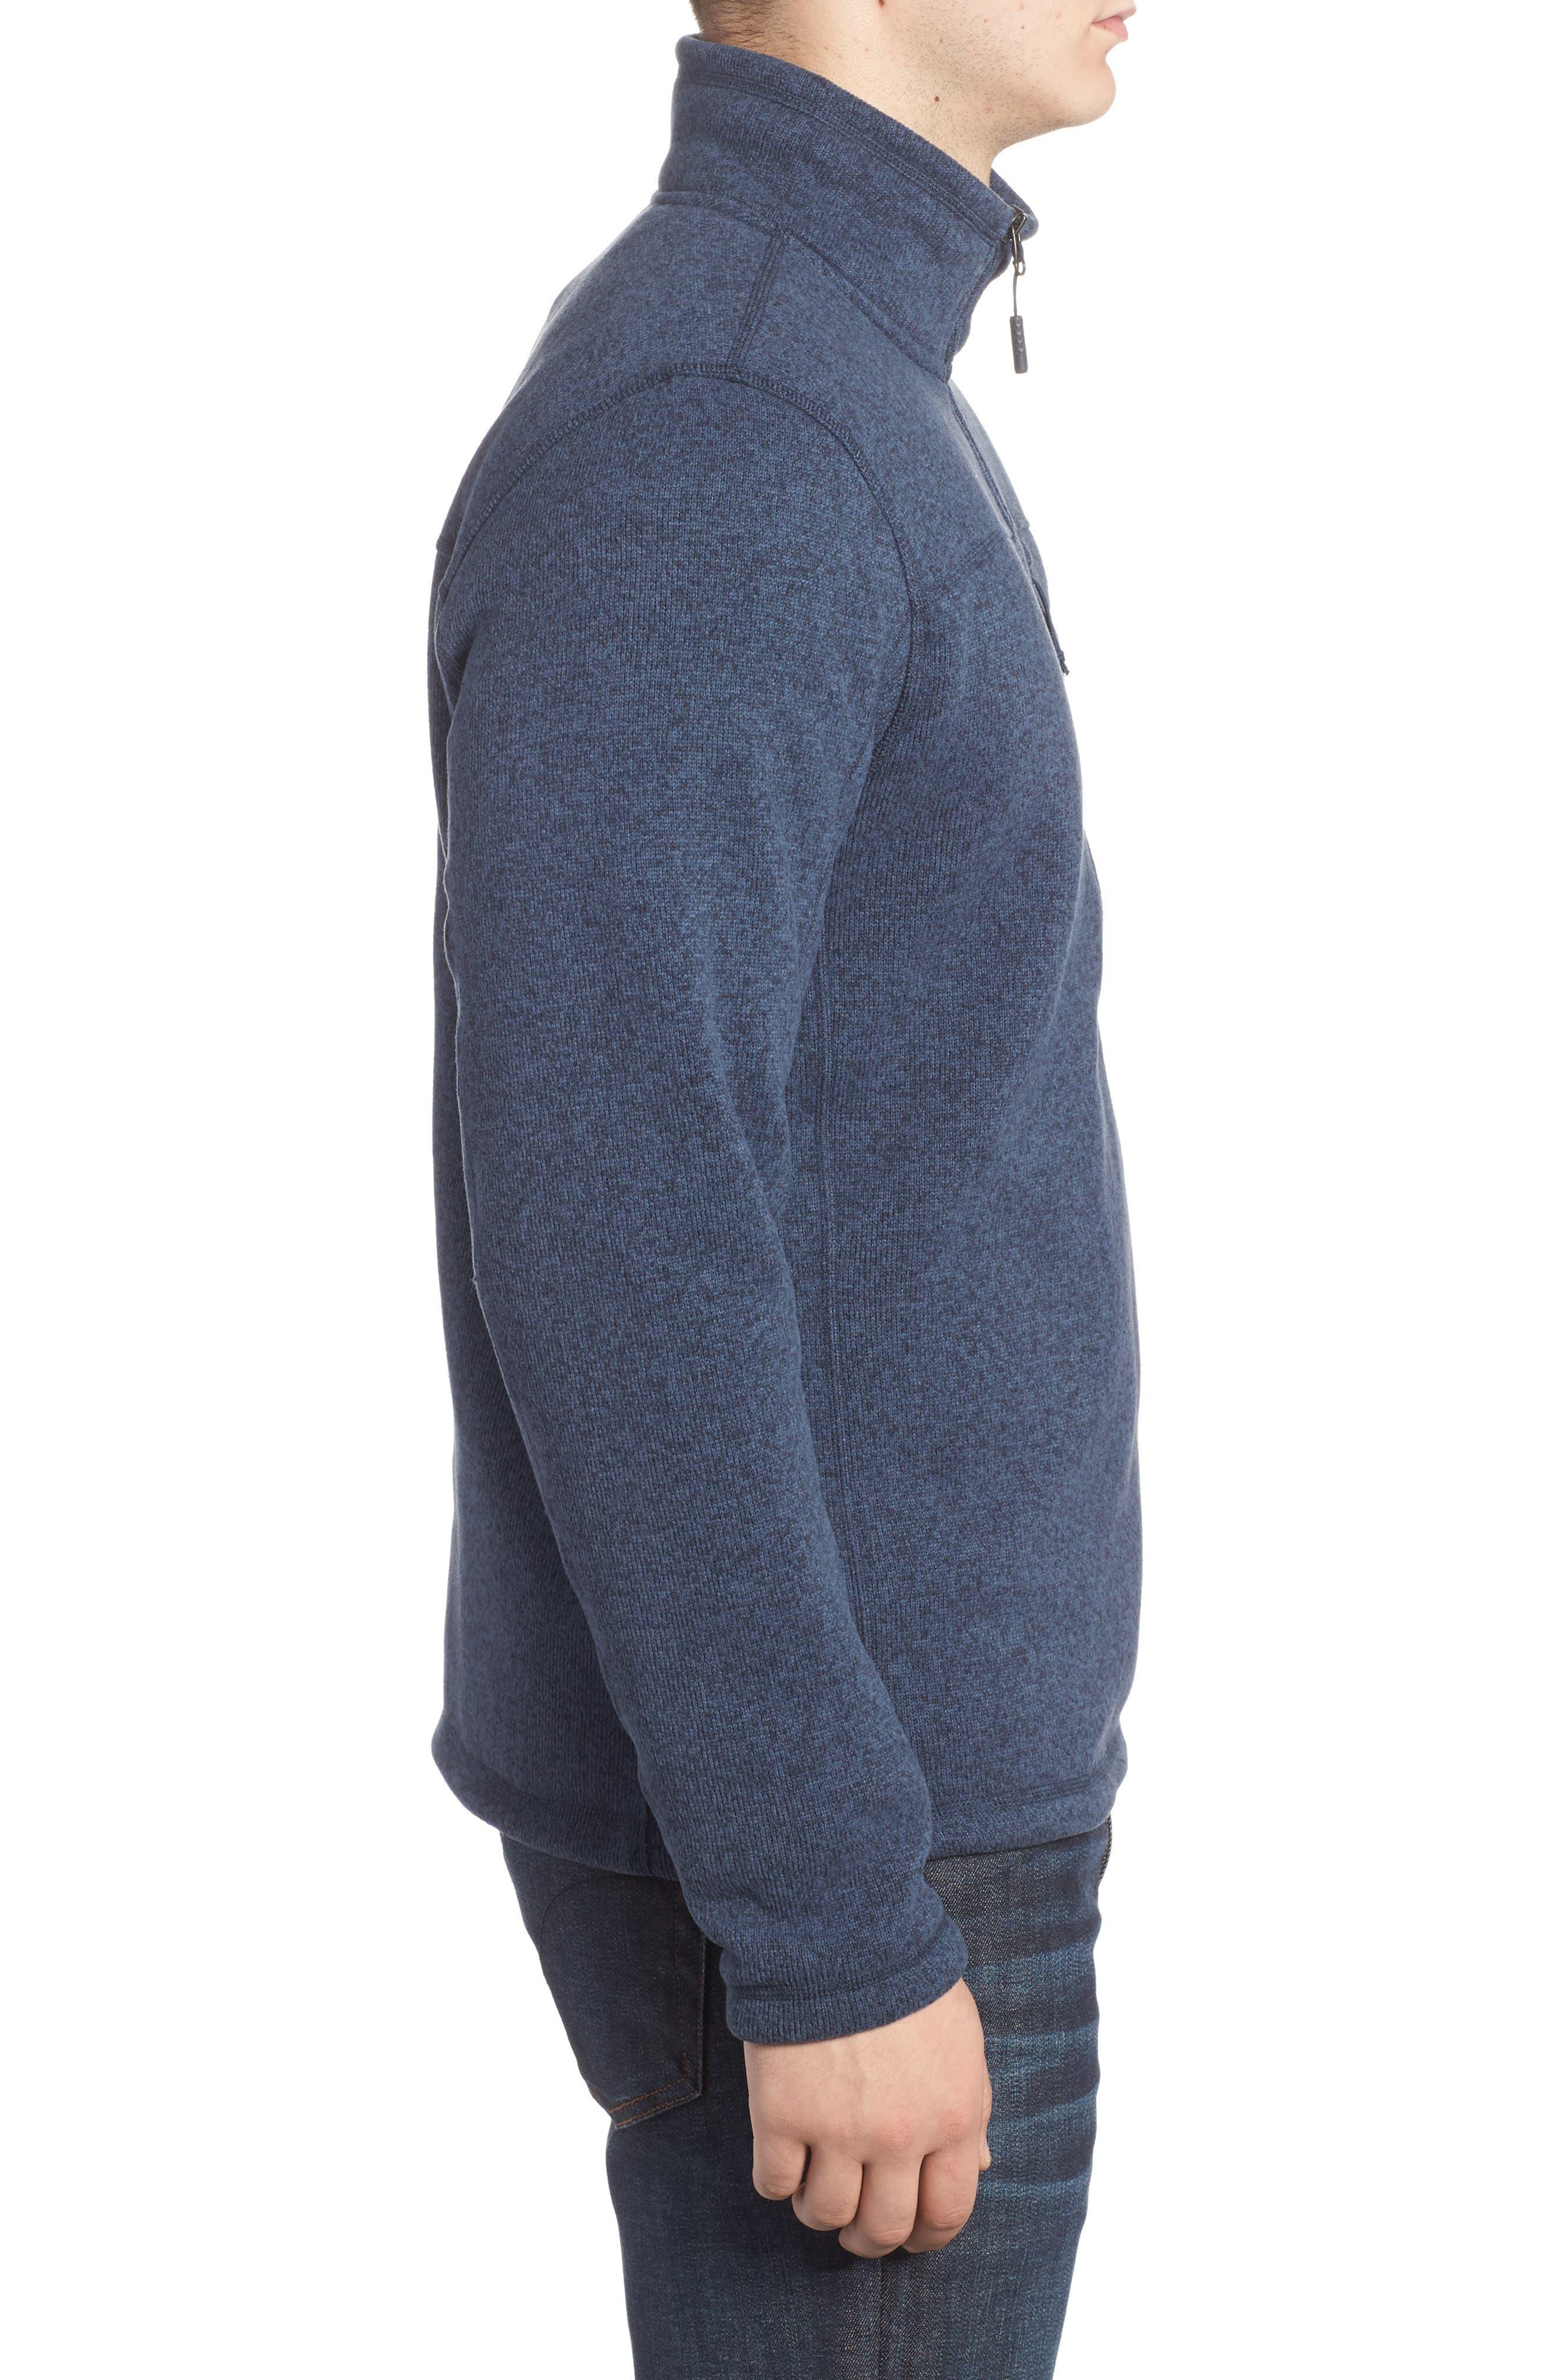 Gordon Lyons Quarter-Zip Fleece Jacket,                             Alternate thumbnail 3, color,                             URBAN NAVY HEATHER